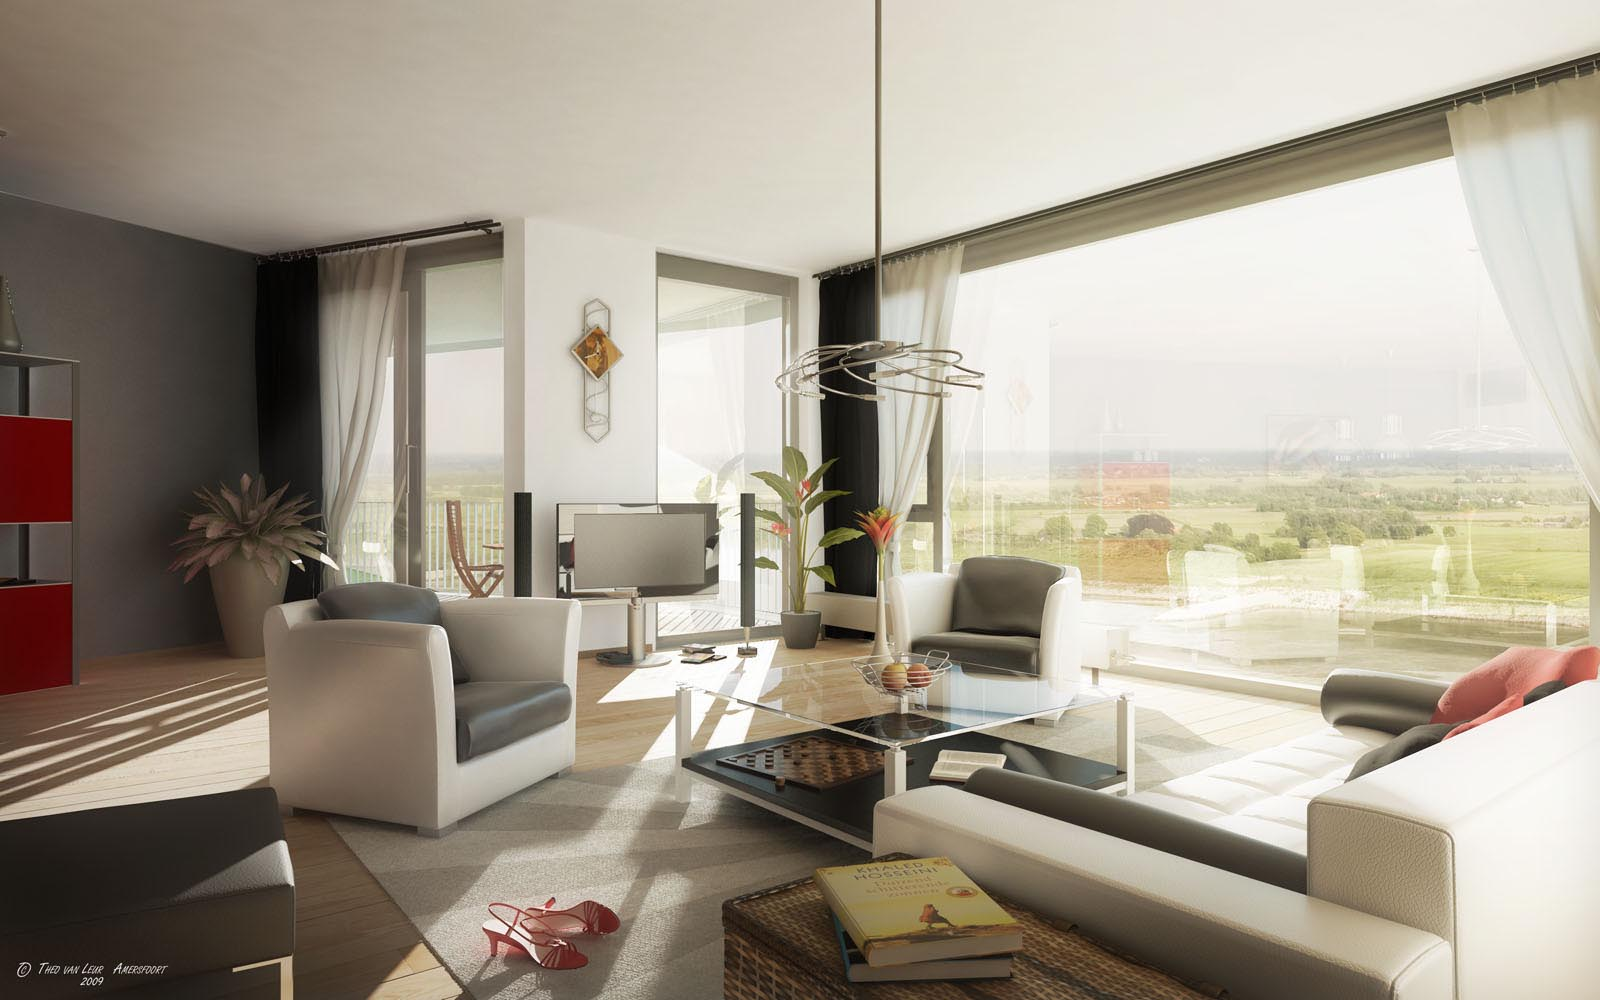 huis interieur Appartement Interieur ideen voor 2012